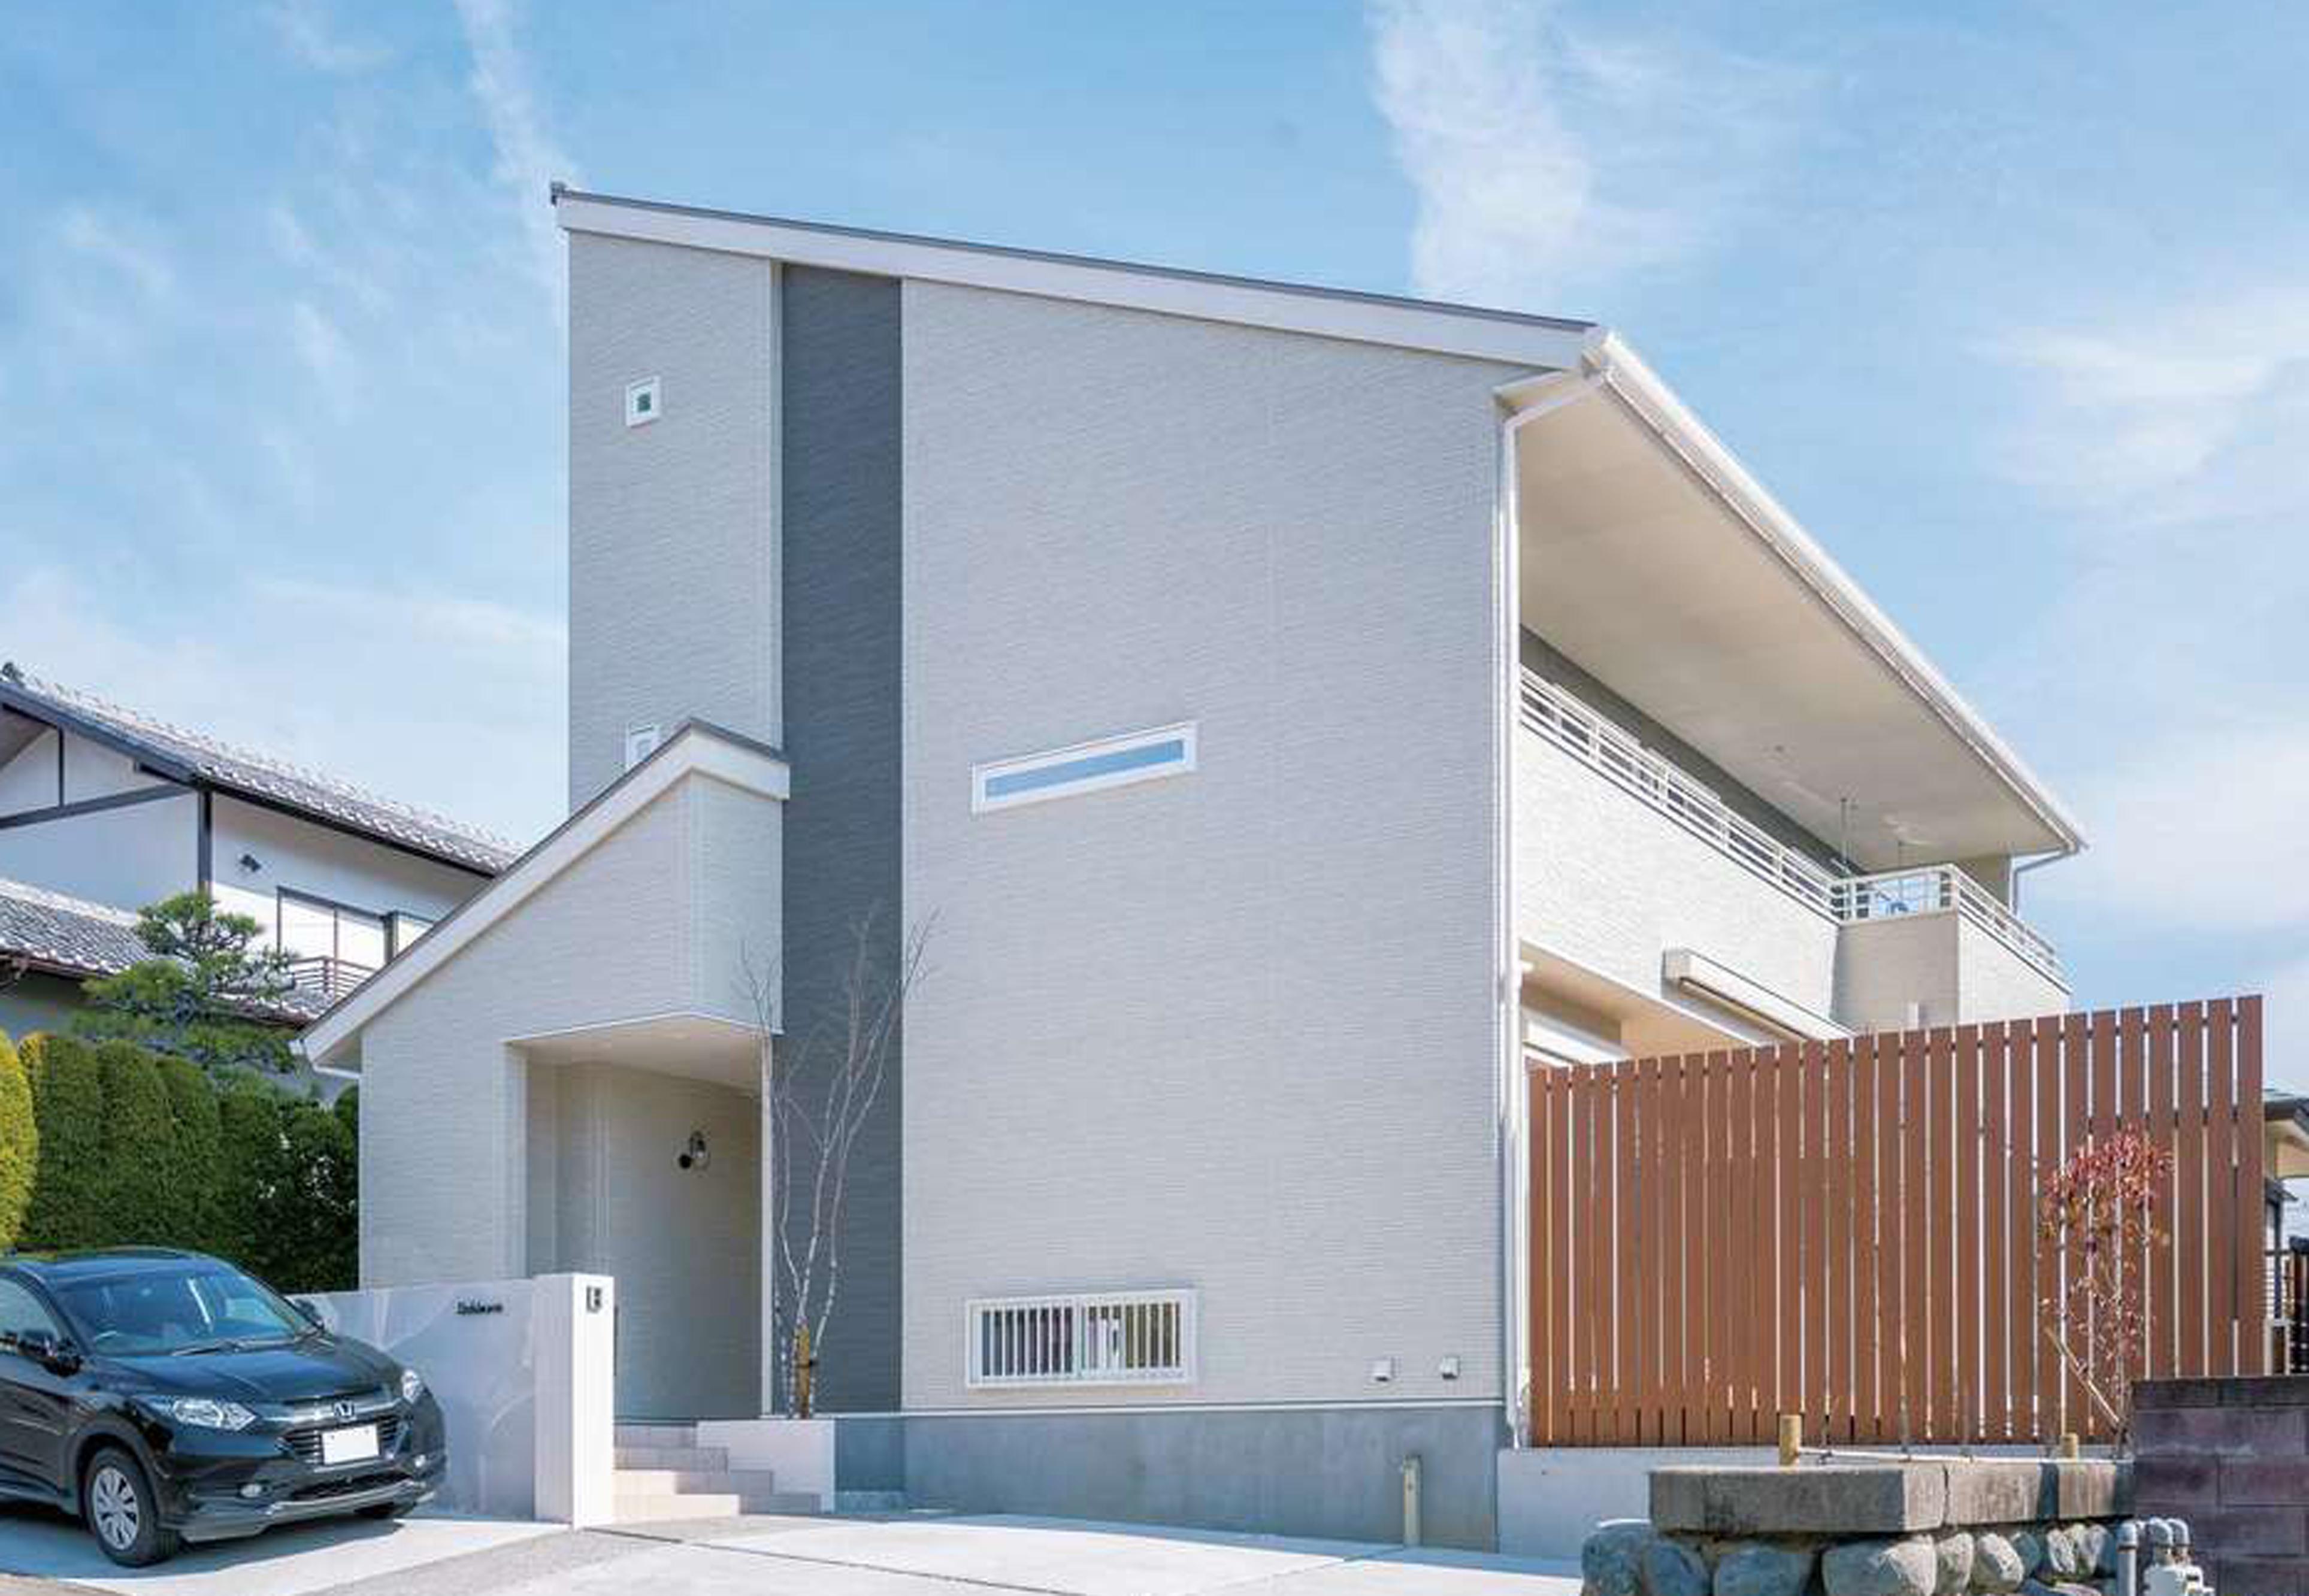 四季彩ひだまり工房 高田工務店【デザイン住宅、子育て、間取り】南面のひな壇立地に建つY邸。木のフェンスで庭とデッキを目隠しした